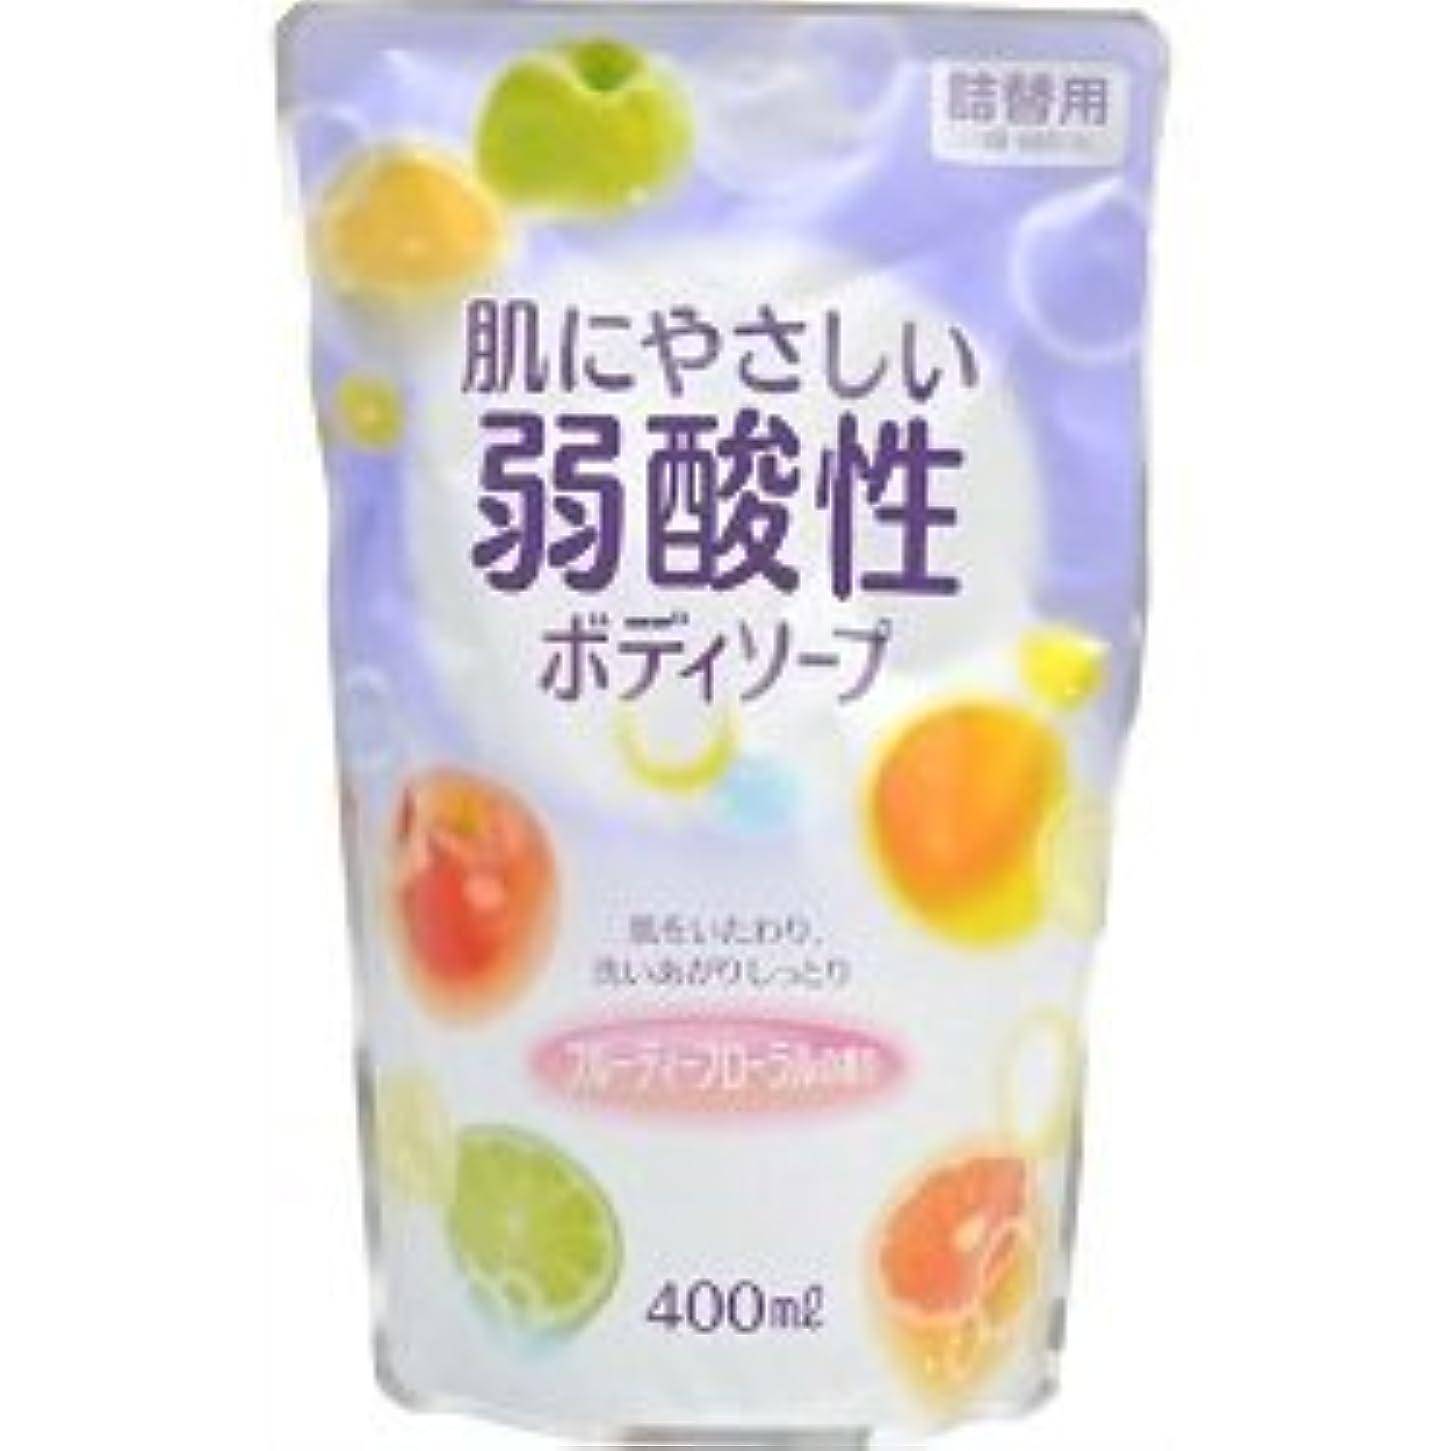 ぼんやりしたシーズンより多い【エオリア】弱酸性ボディソープ フルーティフローラルの香り 詰替用 400ml ×5個セット